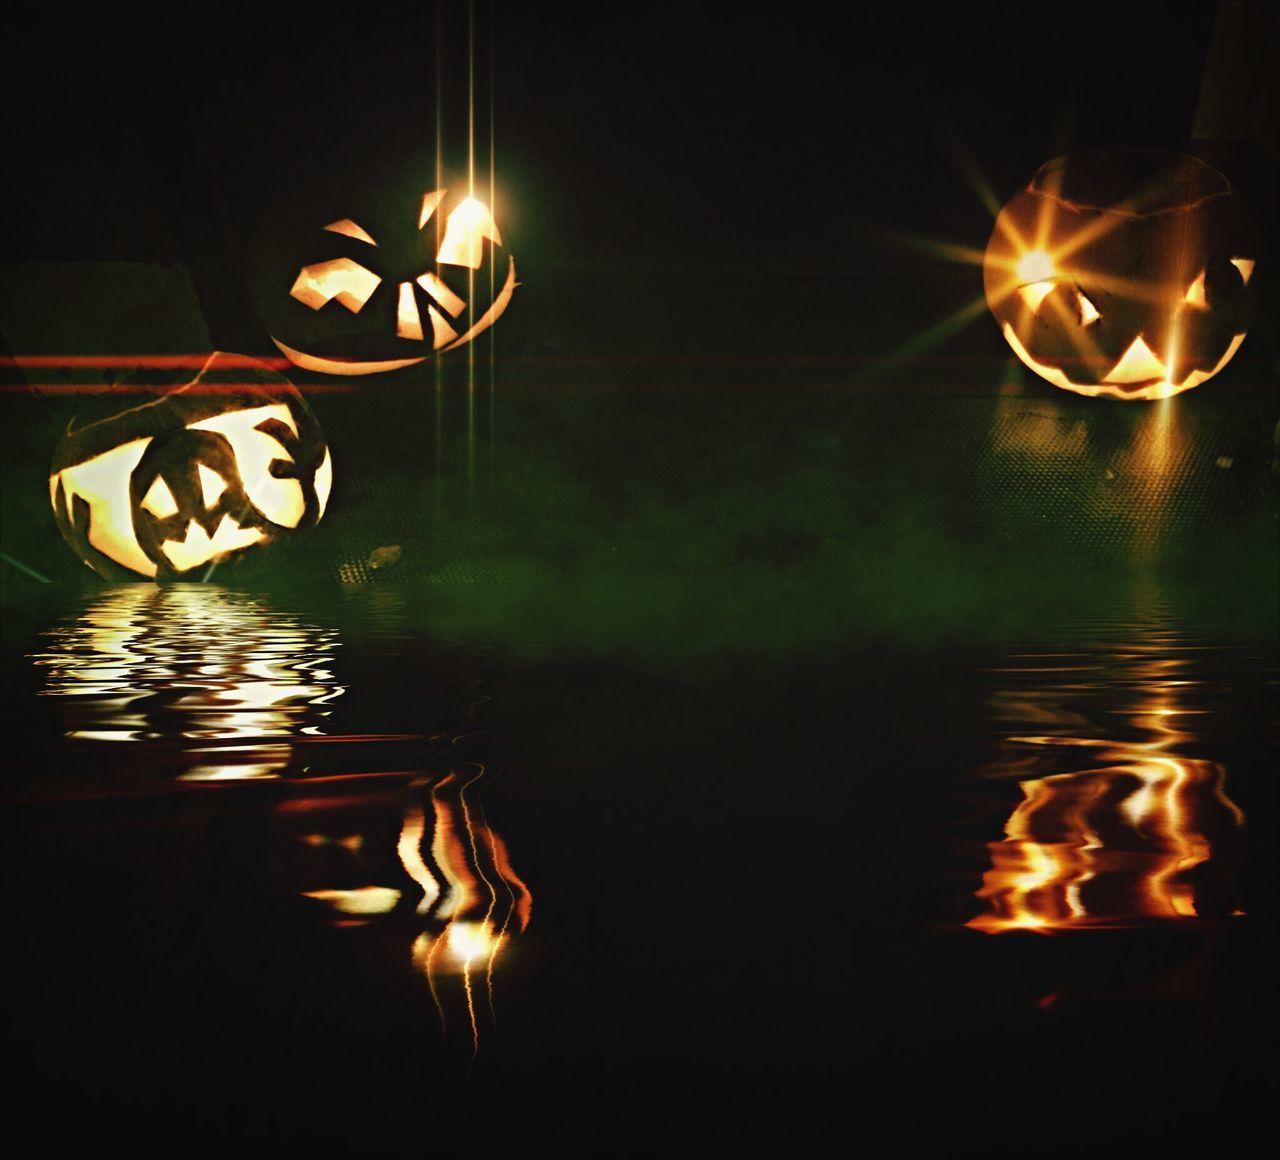 Illuminated Halloween Lantern Over Lake